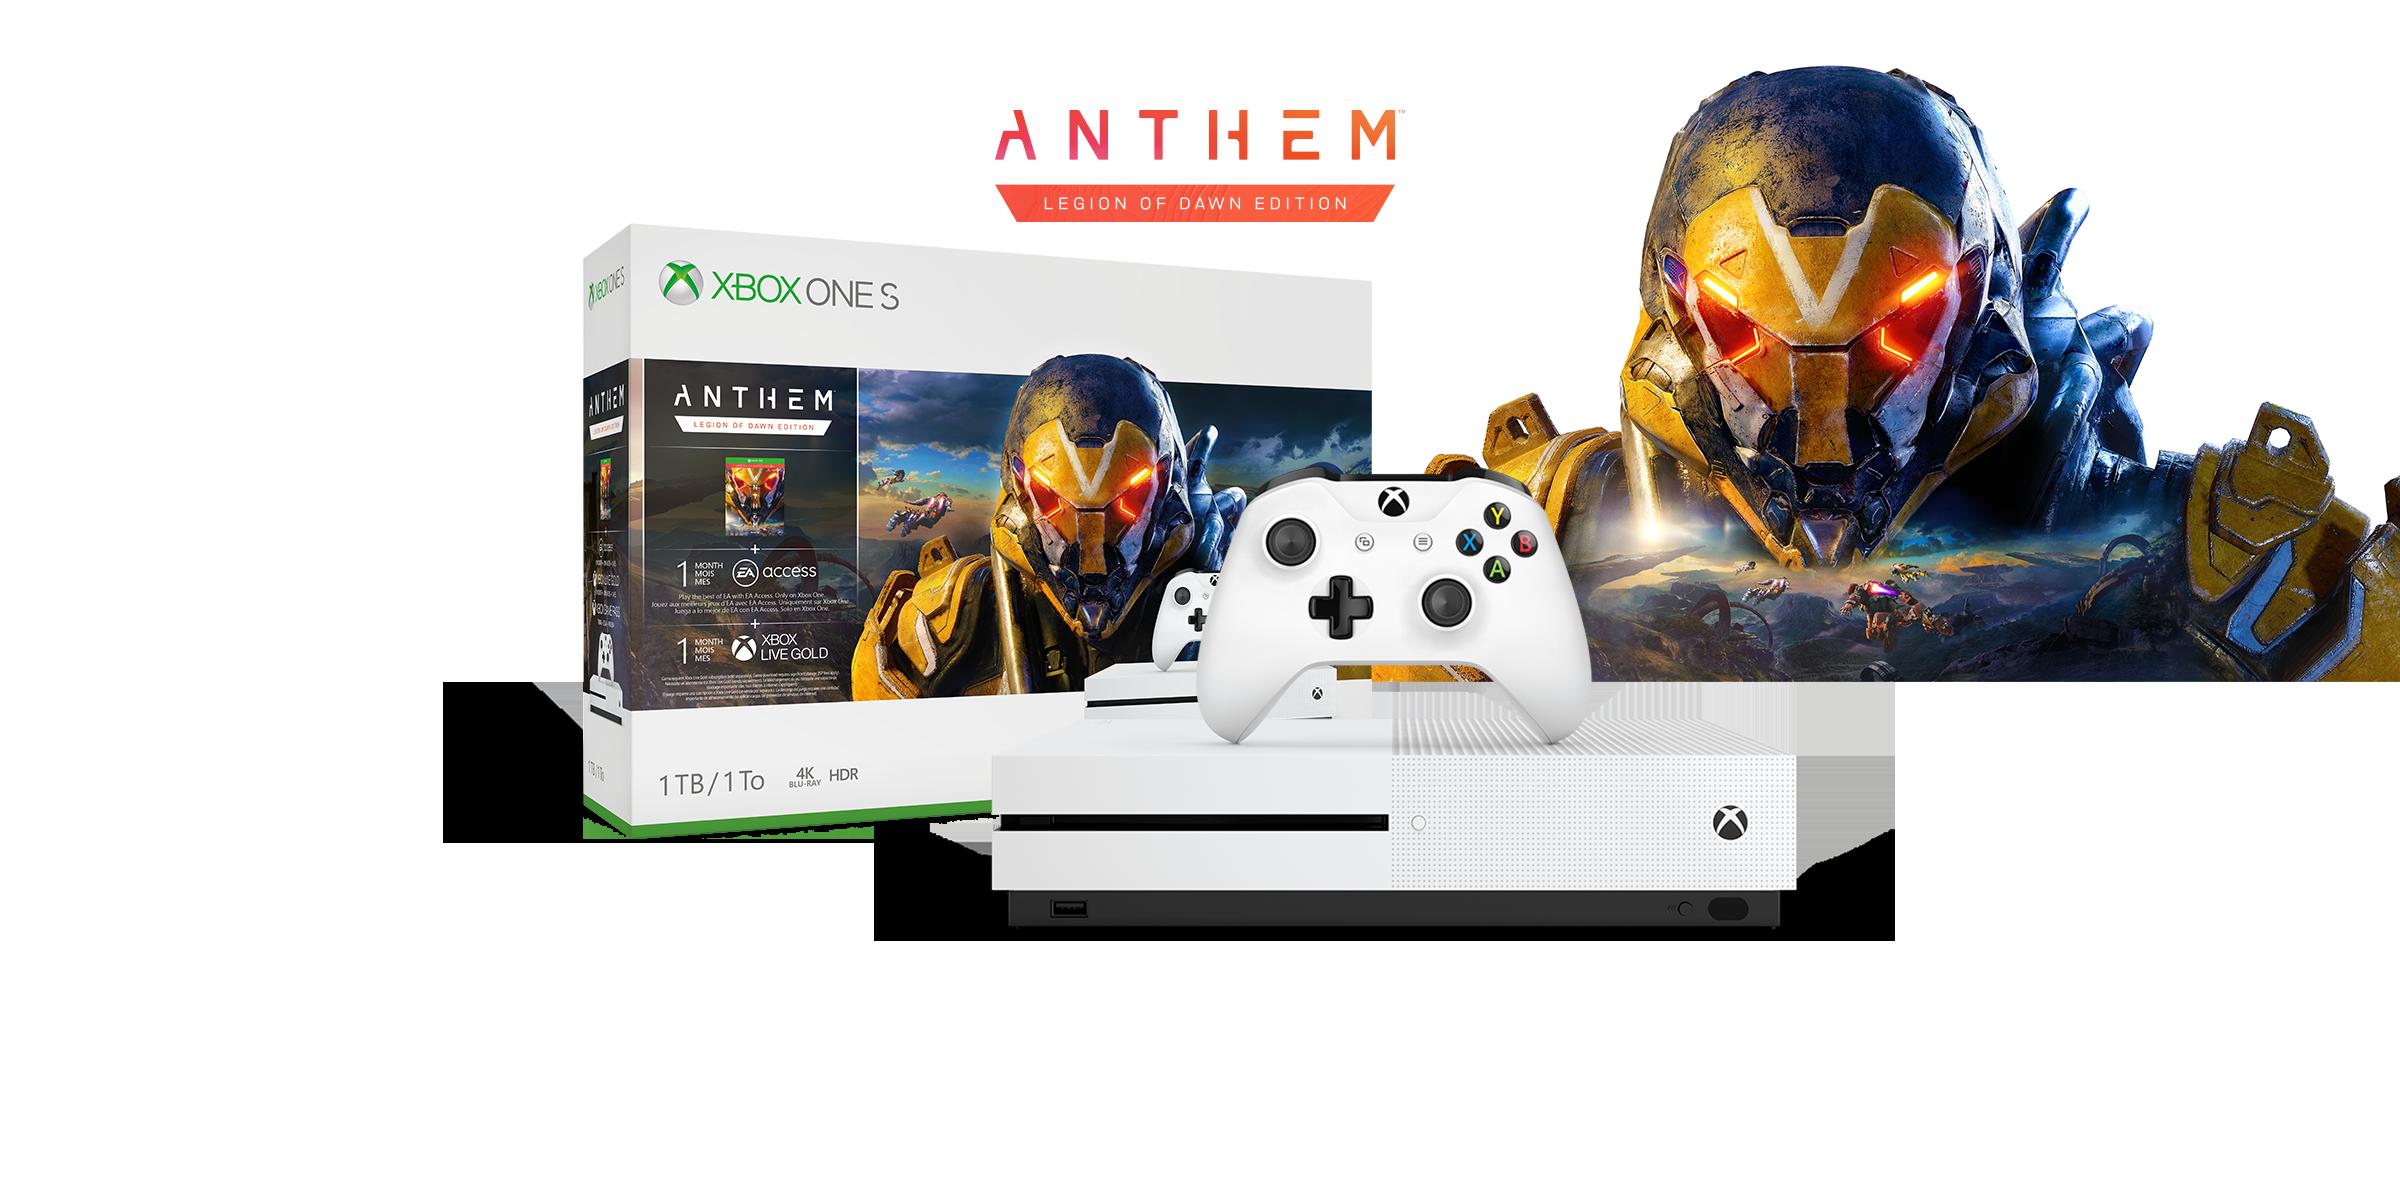 Xbox One S Anthem Bundle-Verpackungsdesign mit der Xbox One S-Konsole vor dem Kopfteil eines Exoanzugs